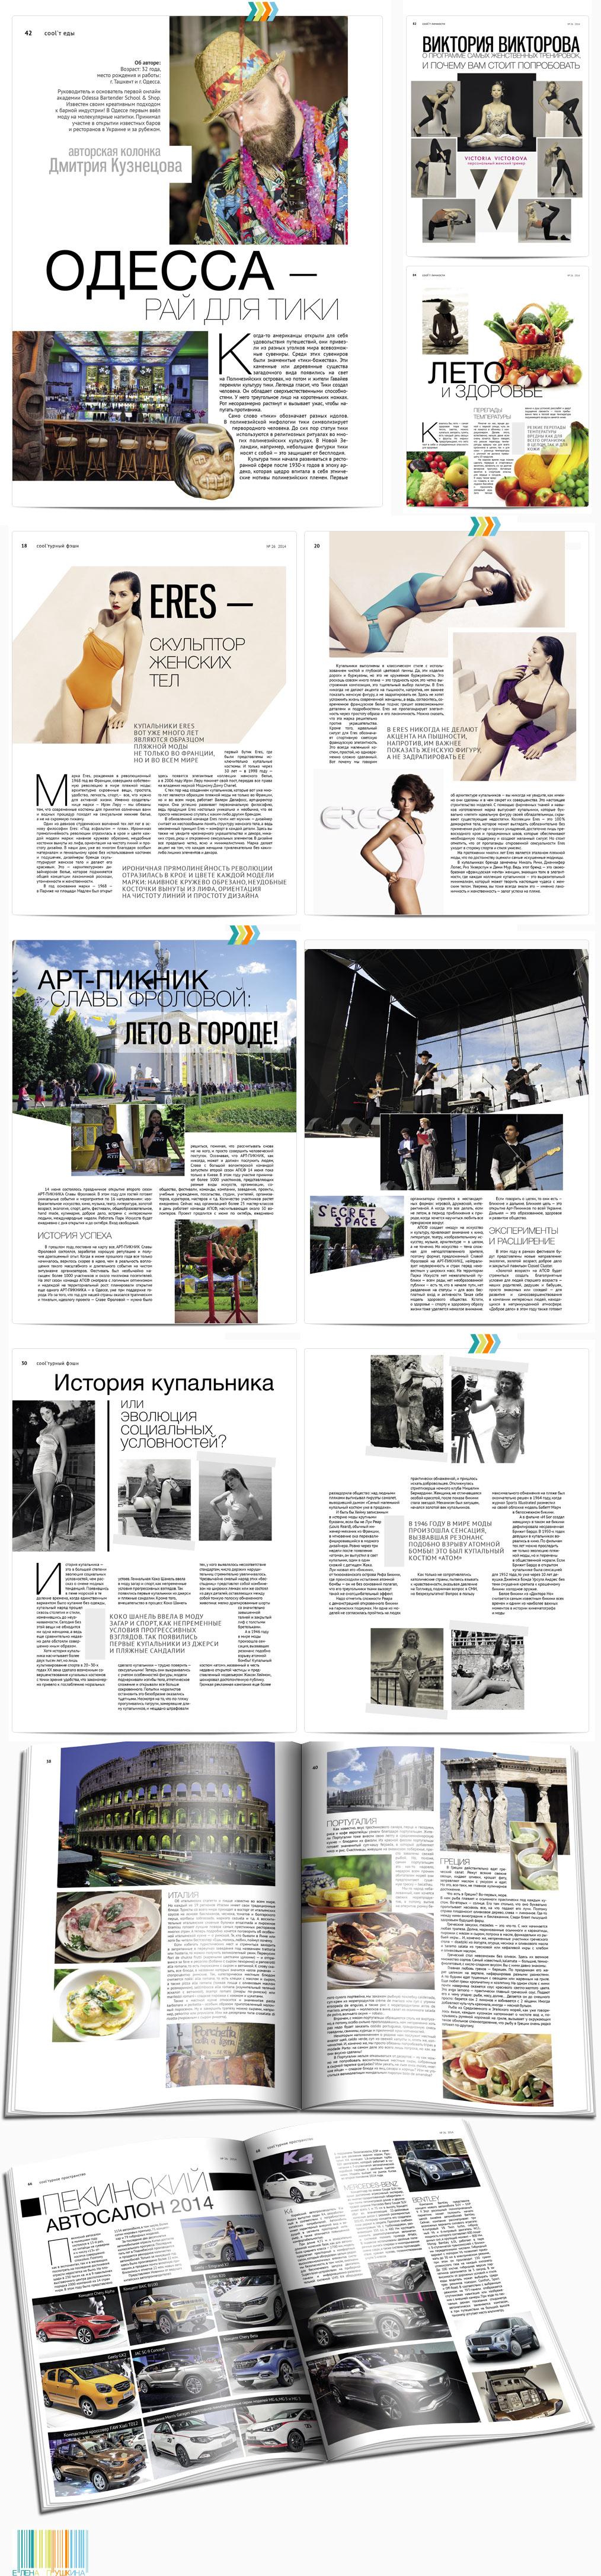 Глянцевый журнал «CoolBaba» №26-2 2014 — разработка дизайна и вёрстка журнала Разработка журналов Портфолио